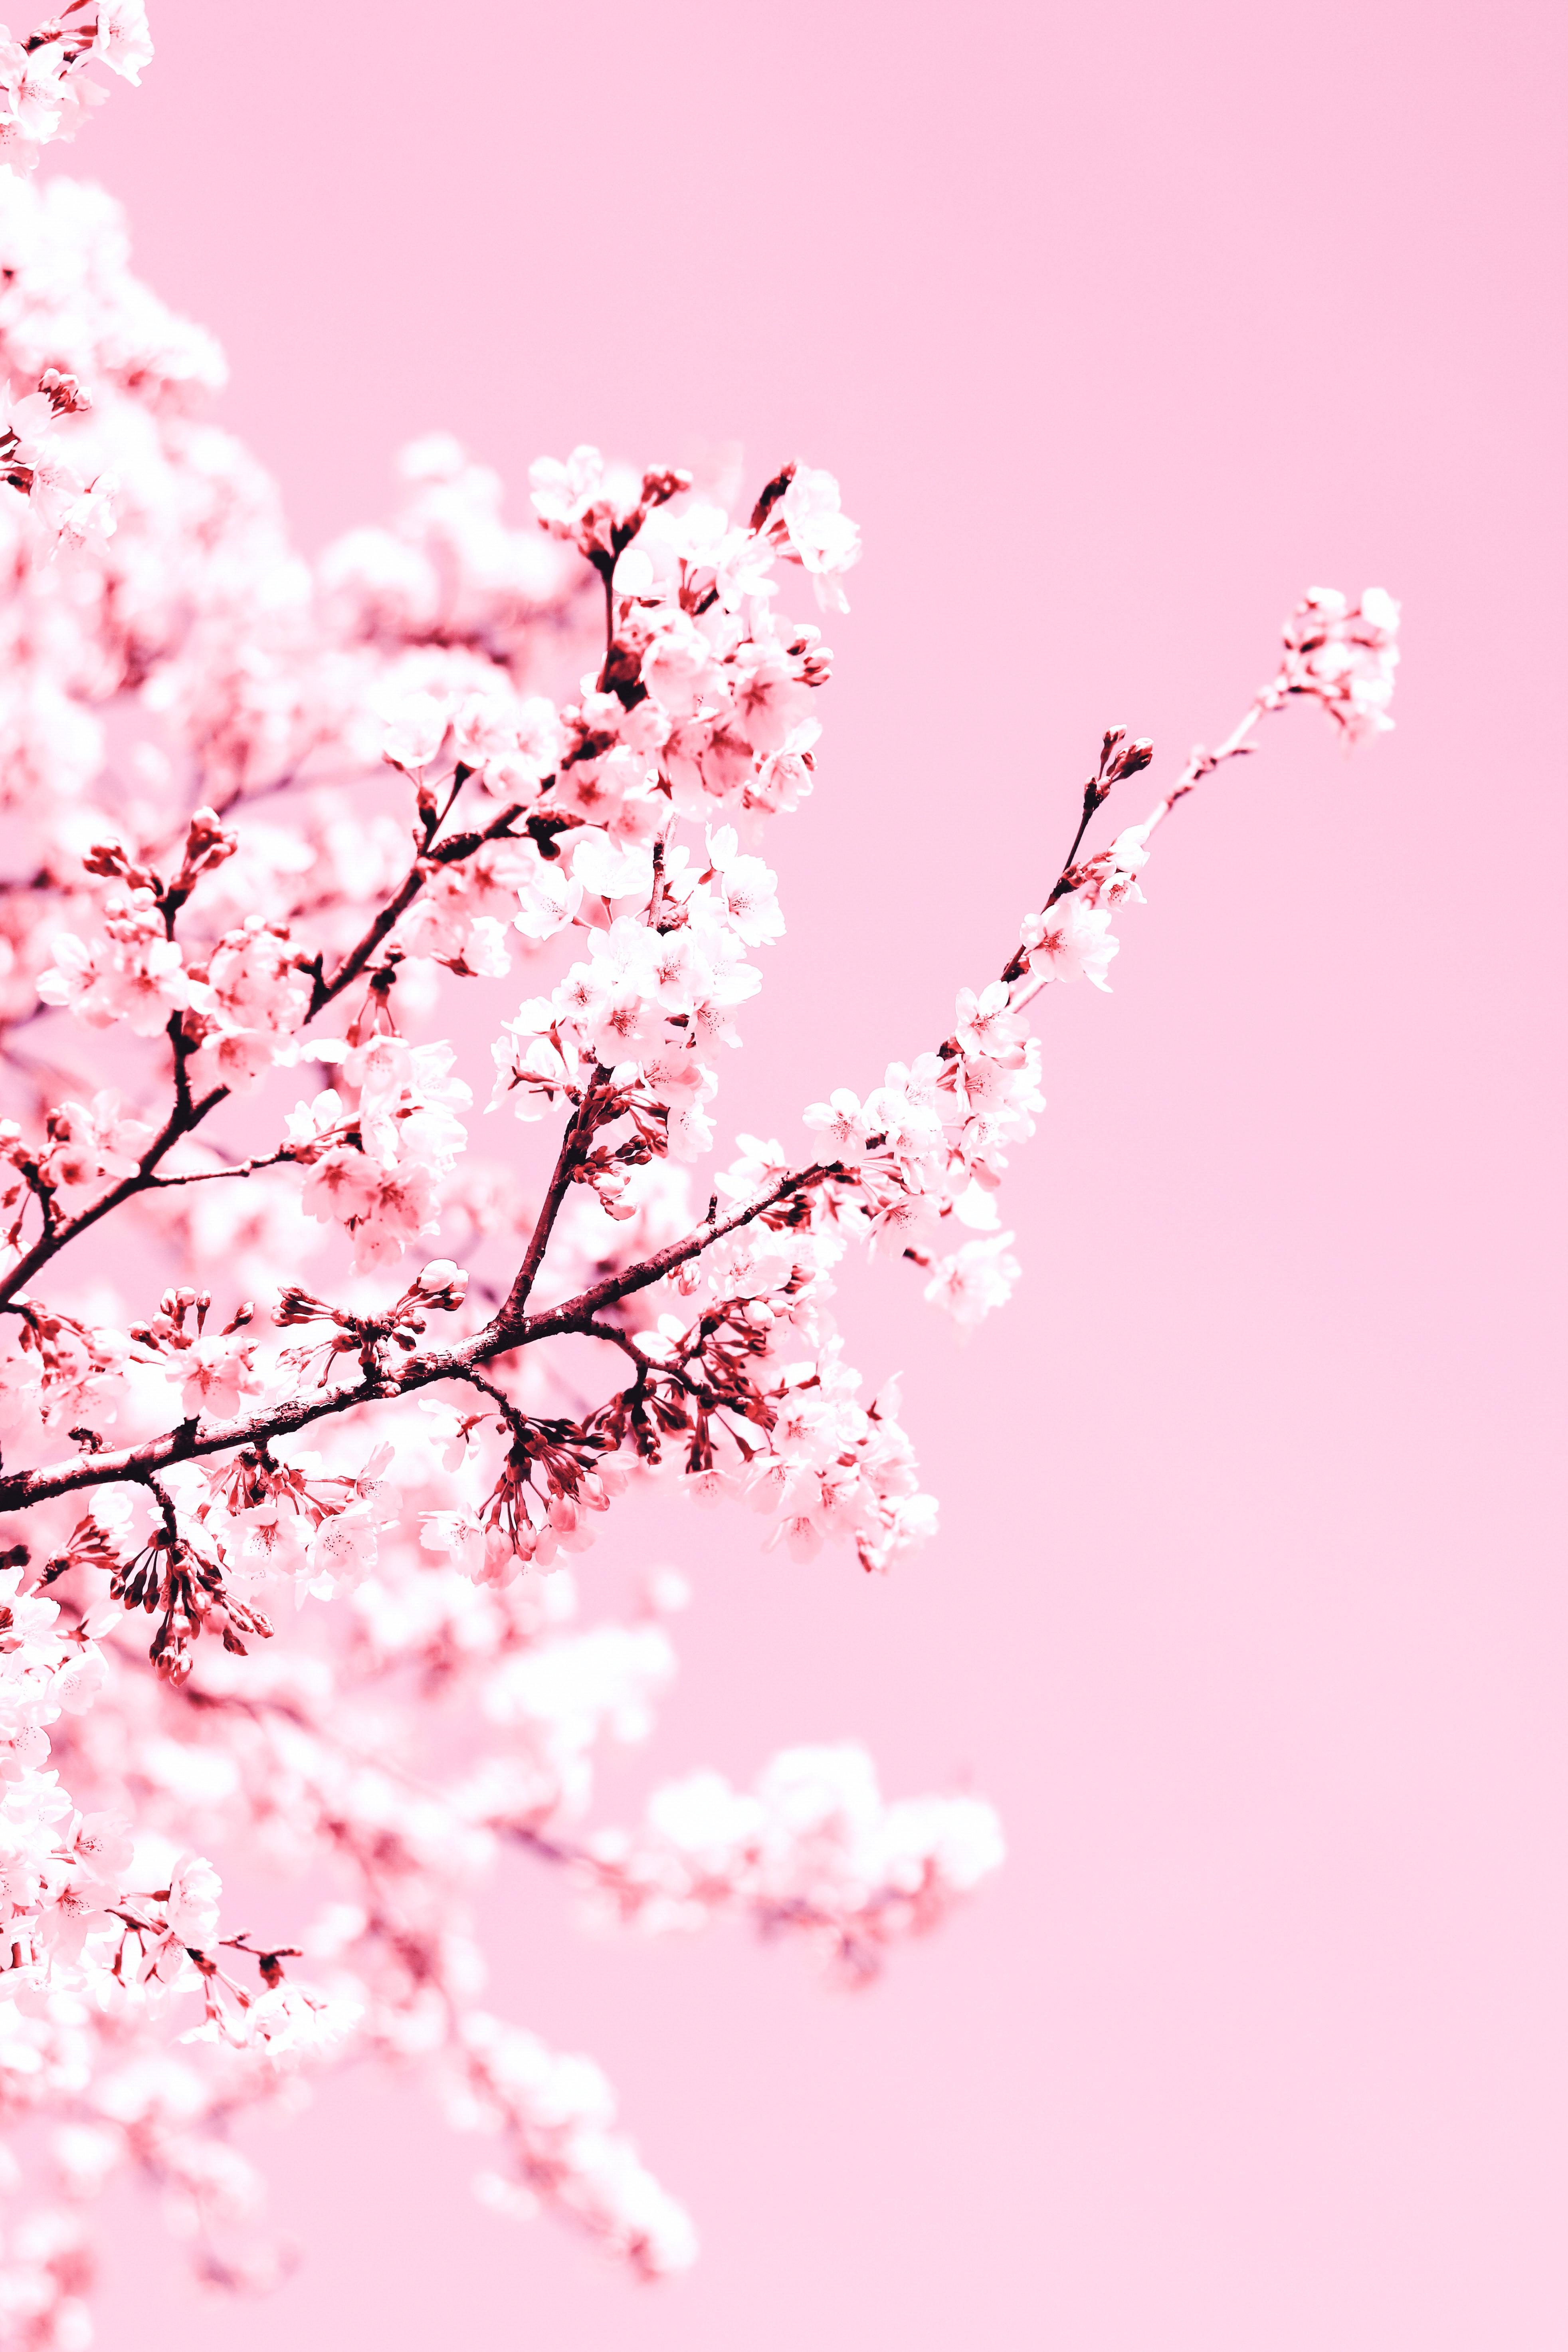 119793 Заставки и Обои Вишня на телефон. Скачать Цветы, Вишня, Растение, Цветение, Ветка, Розовый картинки бесплатно